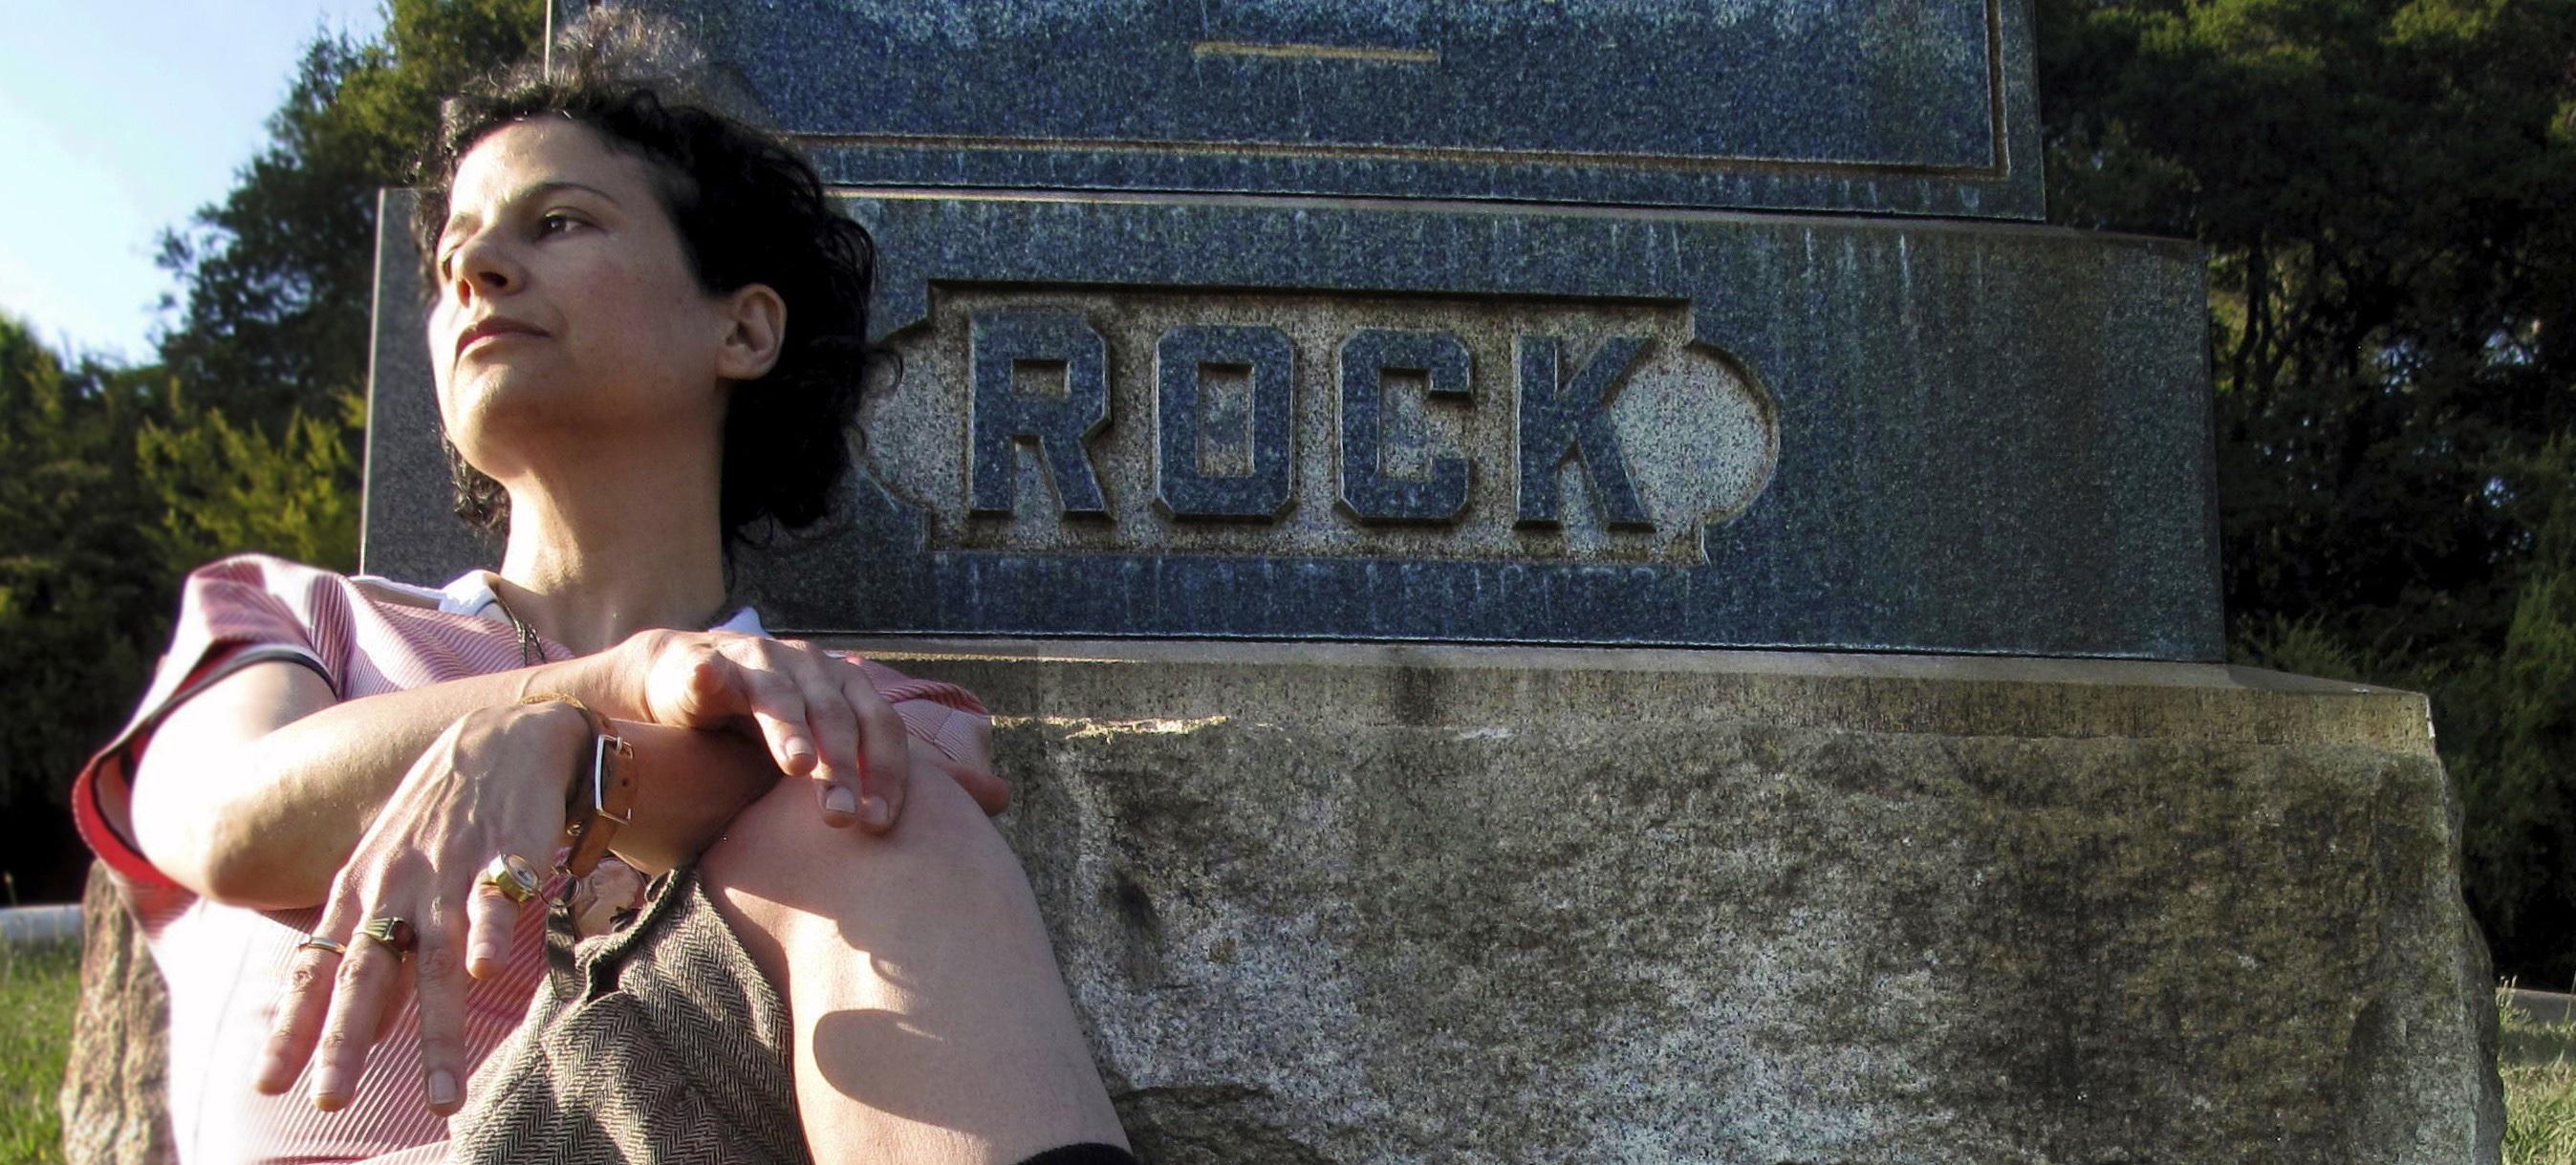 Avellino: a Villa di Marzo arriva Carla Bozulich con i suoi artigli insanguinati